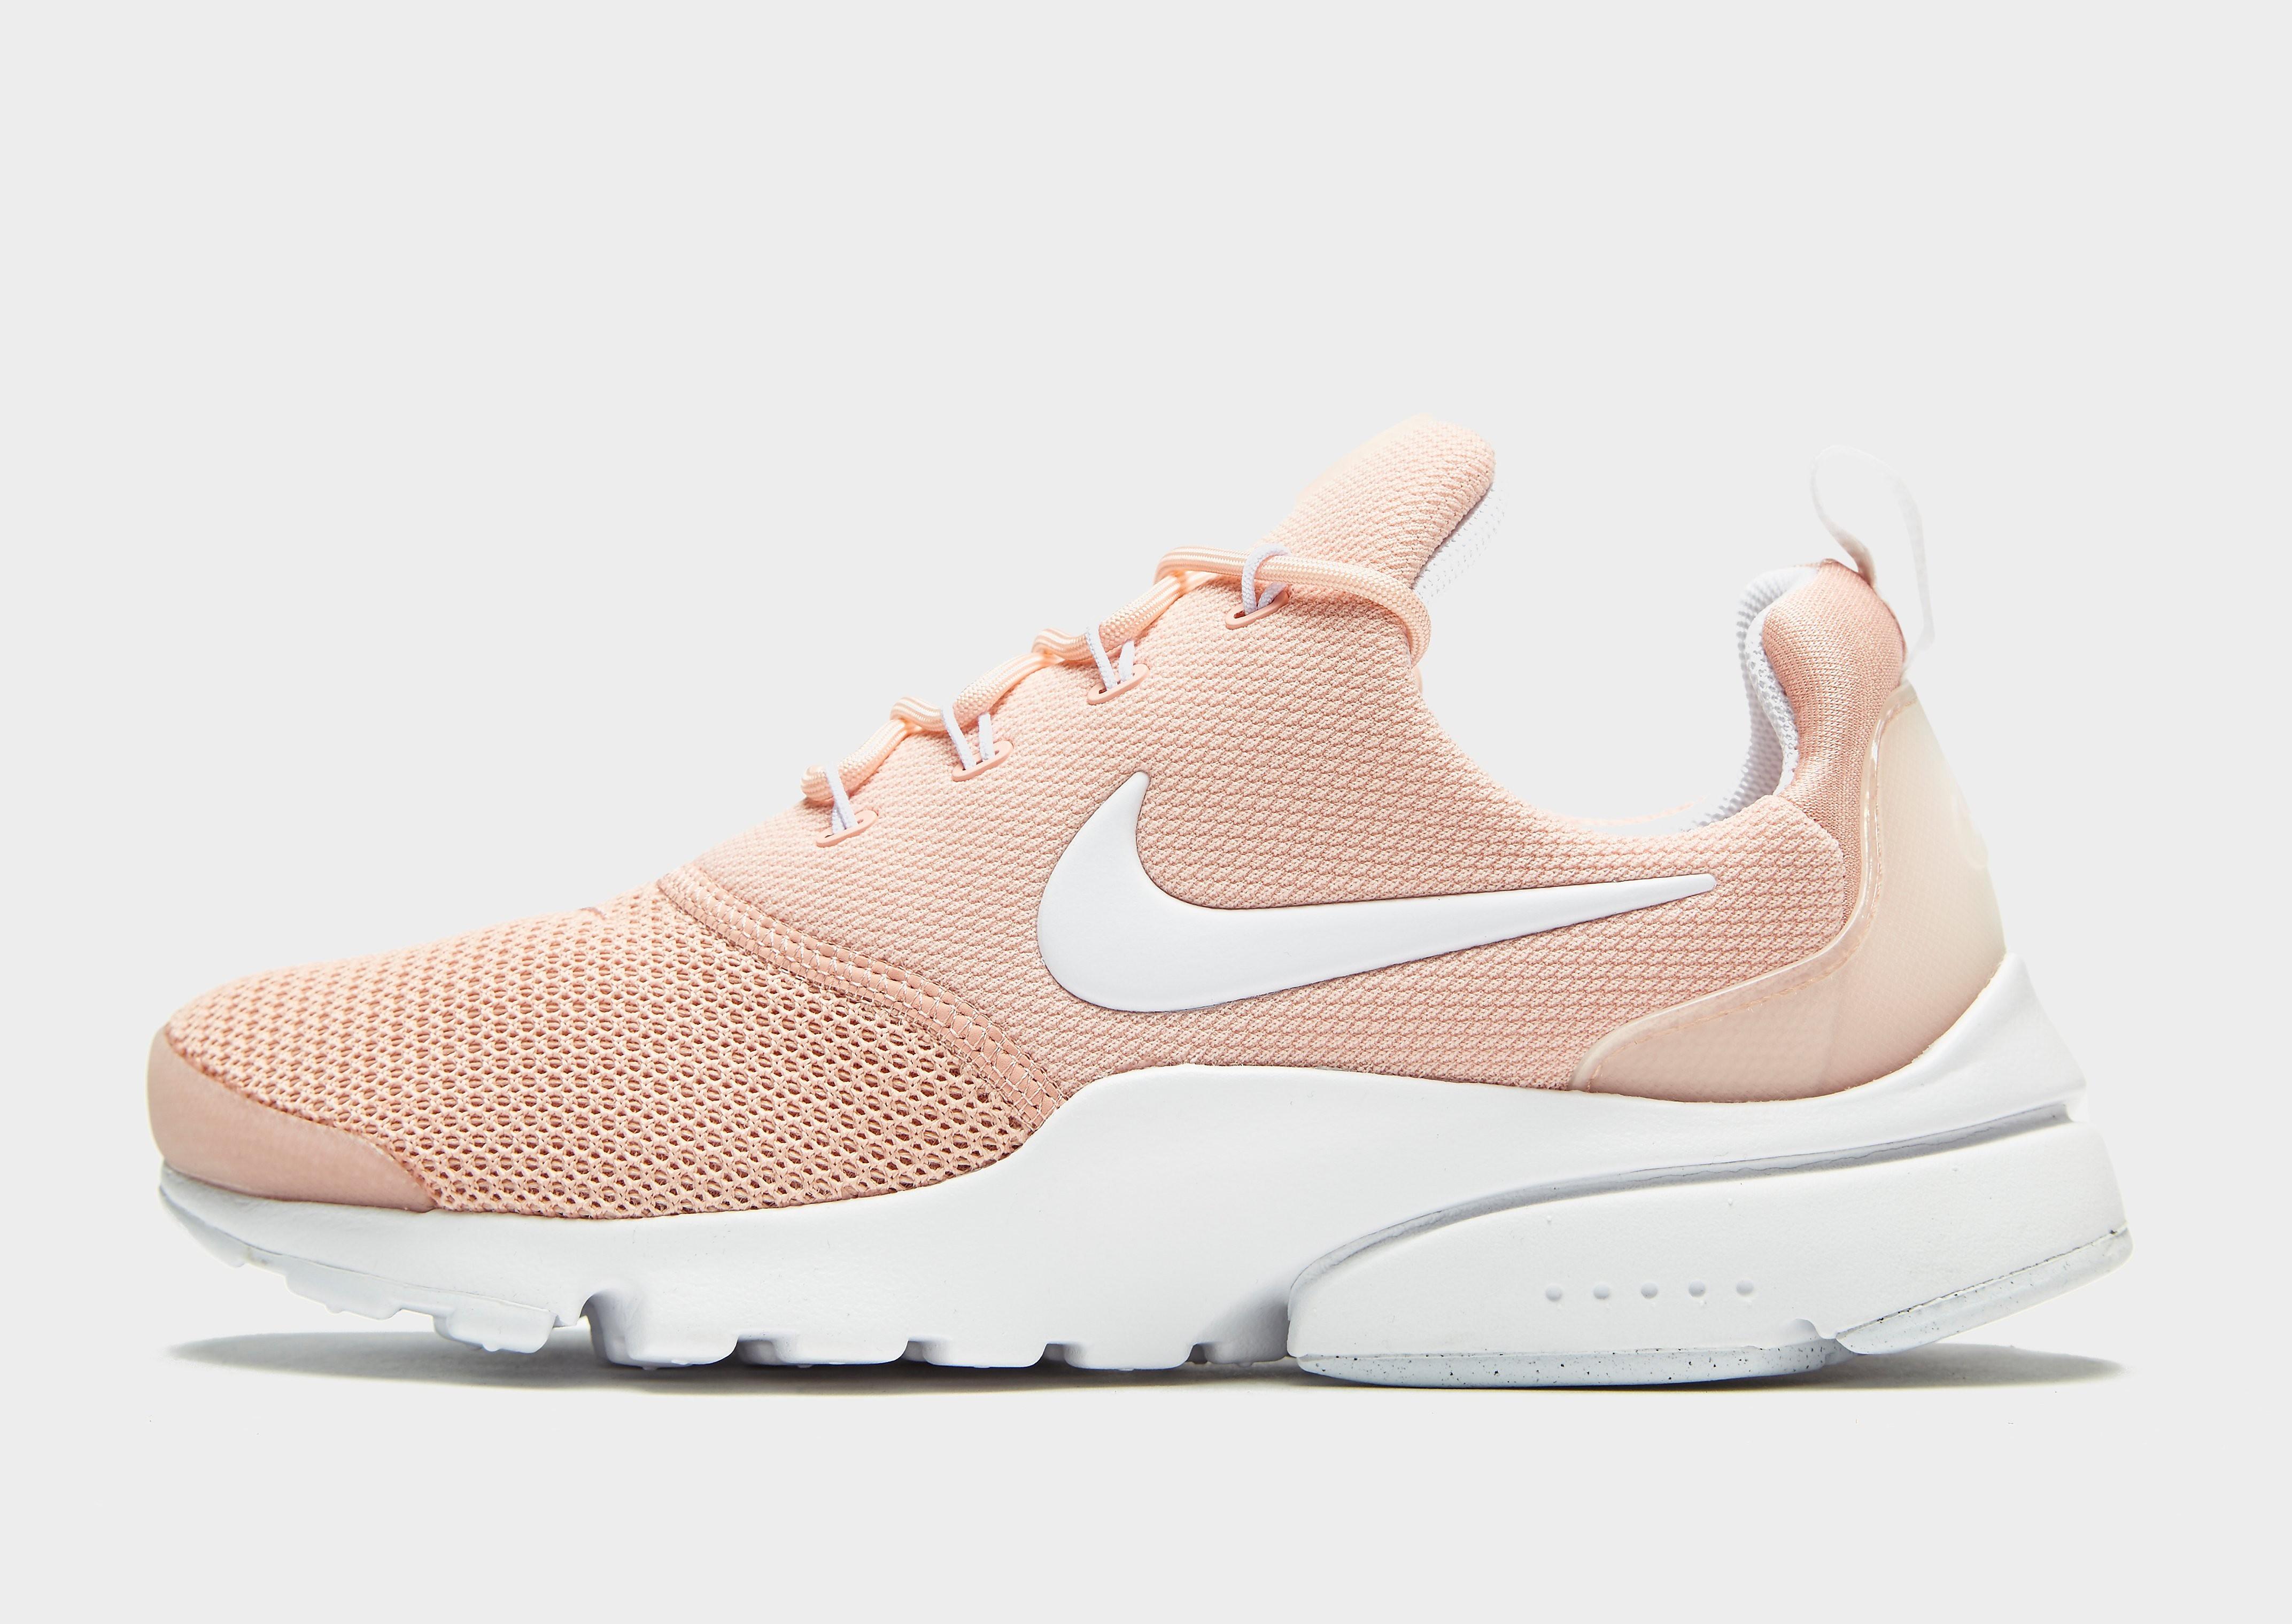 Nike 3 Presto Fly Comprar BaratosPágina Ofertas Precios De Para f7yYvb6gIm